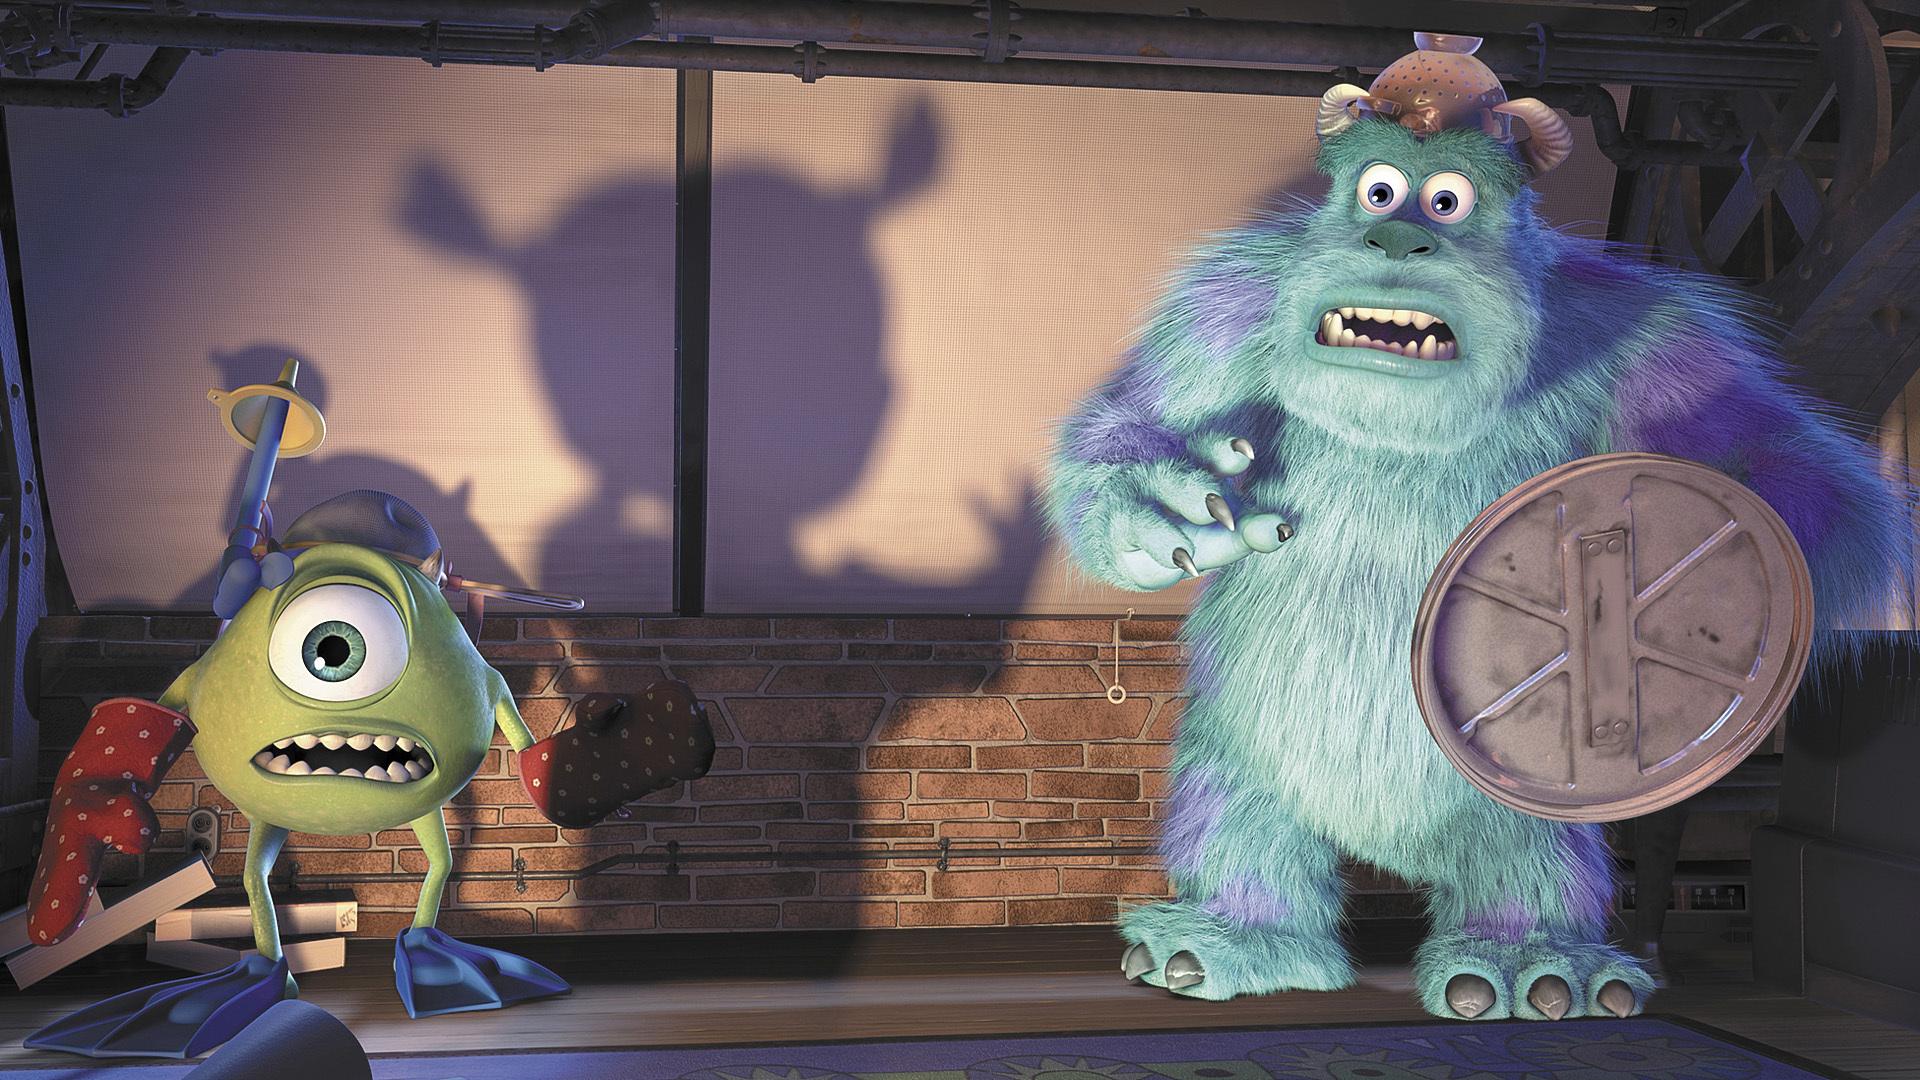 monster monologues — i make sense